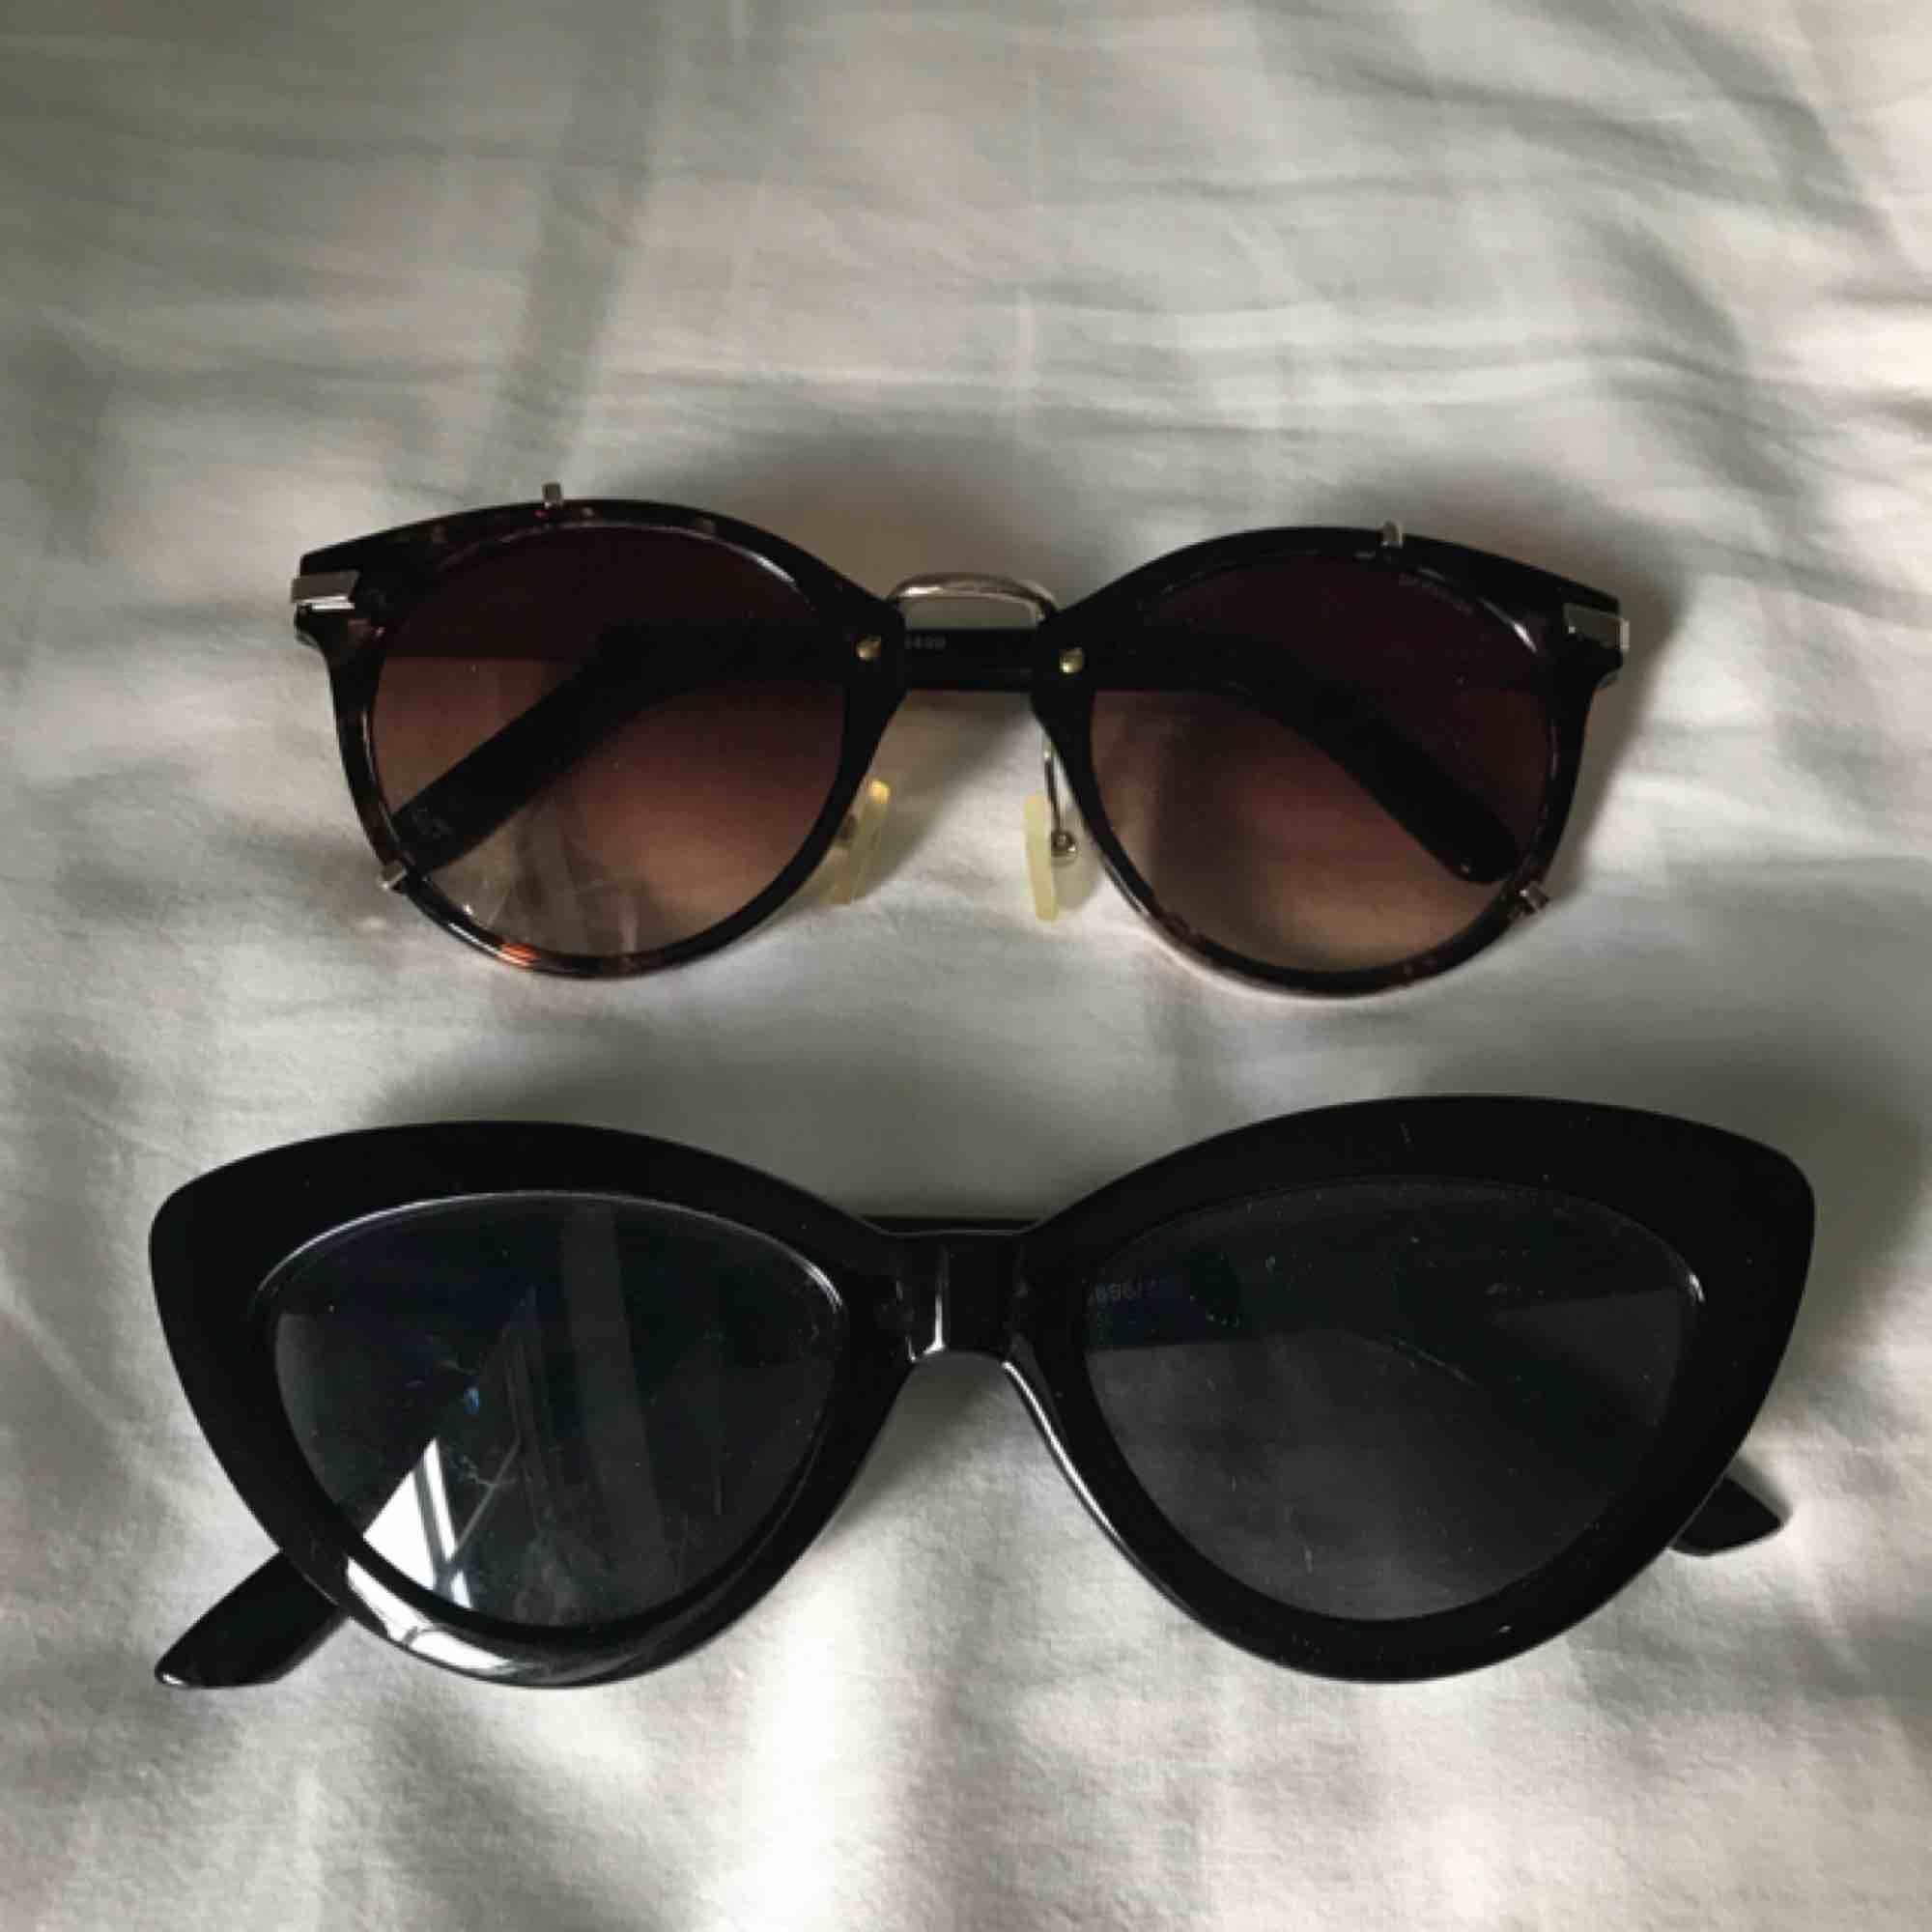 60 kr styck. Snygga solglasögon till sommaren! Köparen står för frakt. Accessoarer.